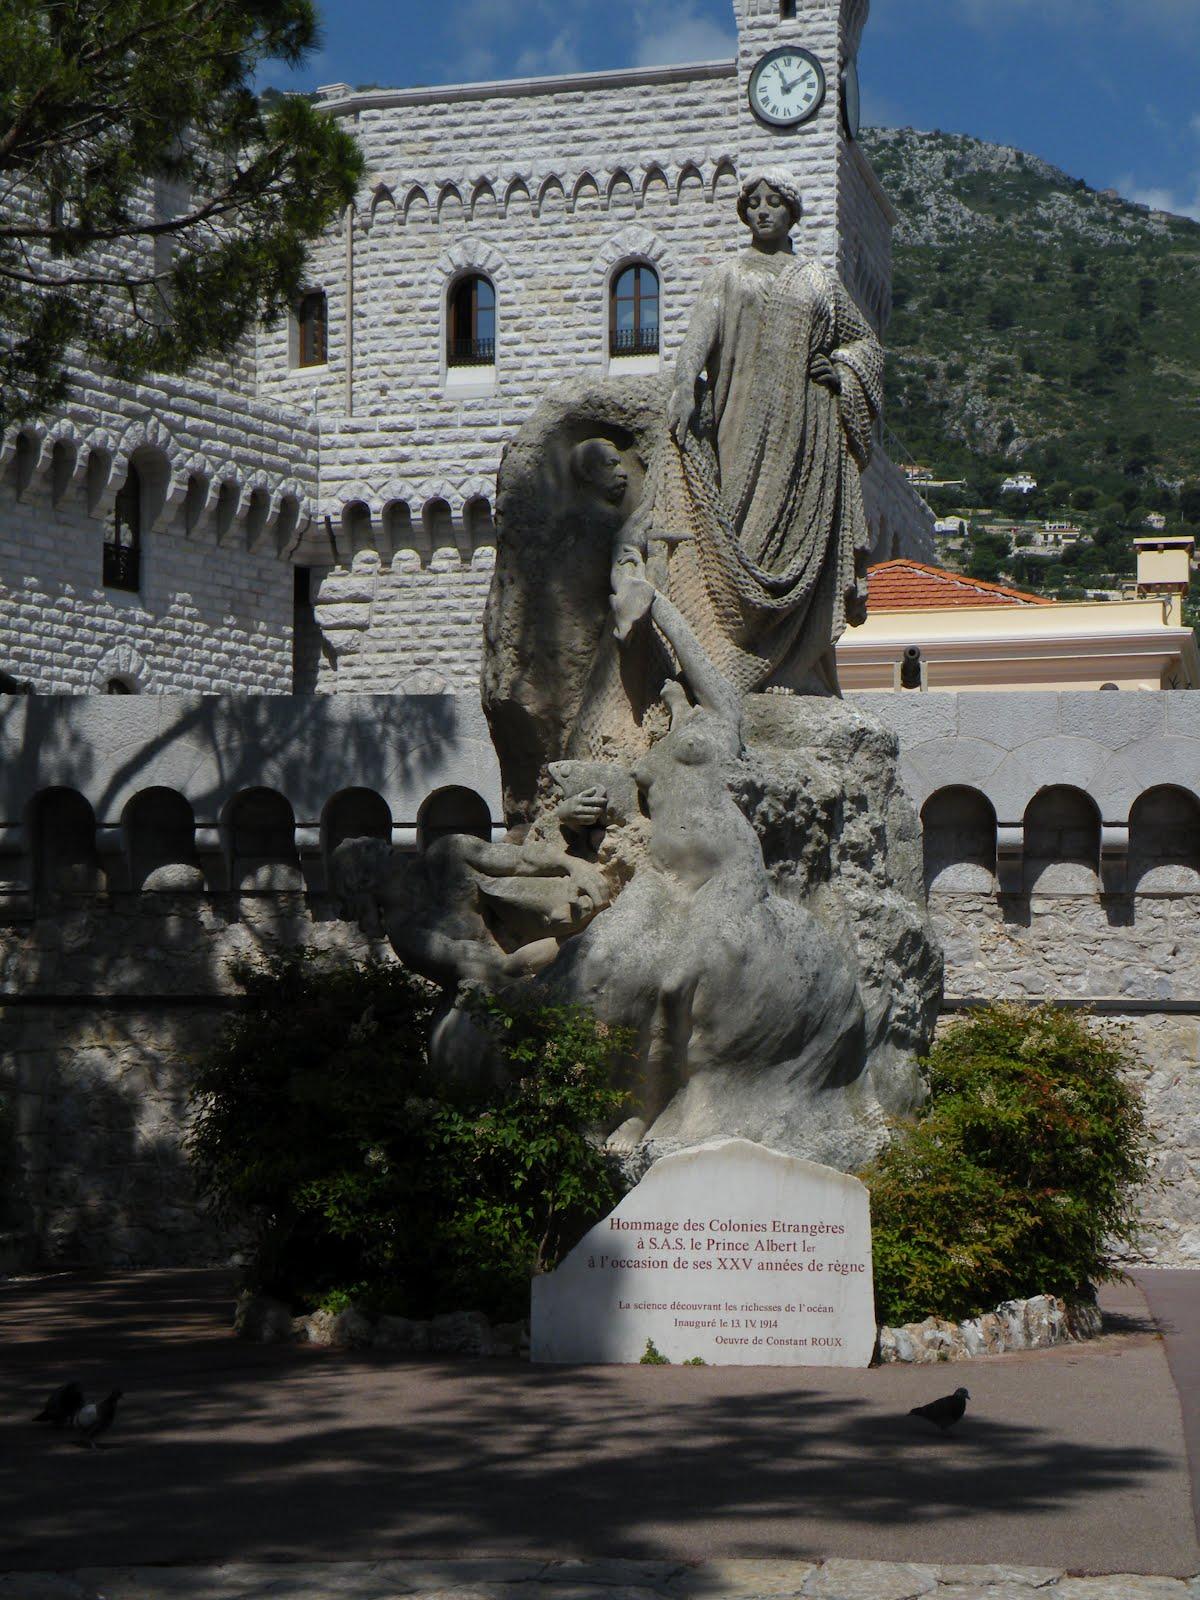 Du four au jardin et mes dix doigts monaco 2 for Au jardin du port le palais